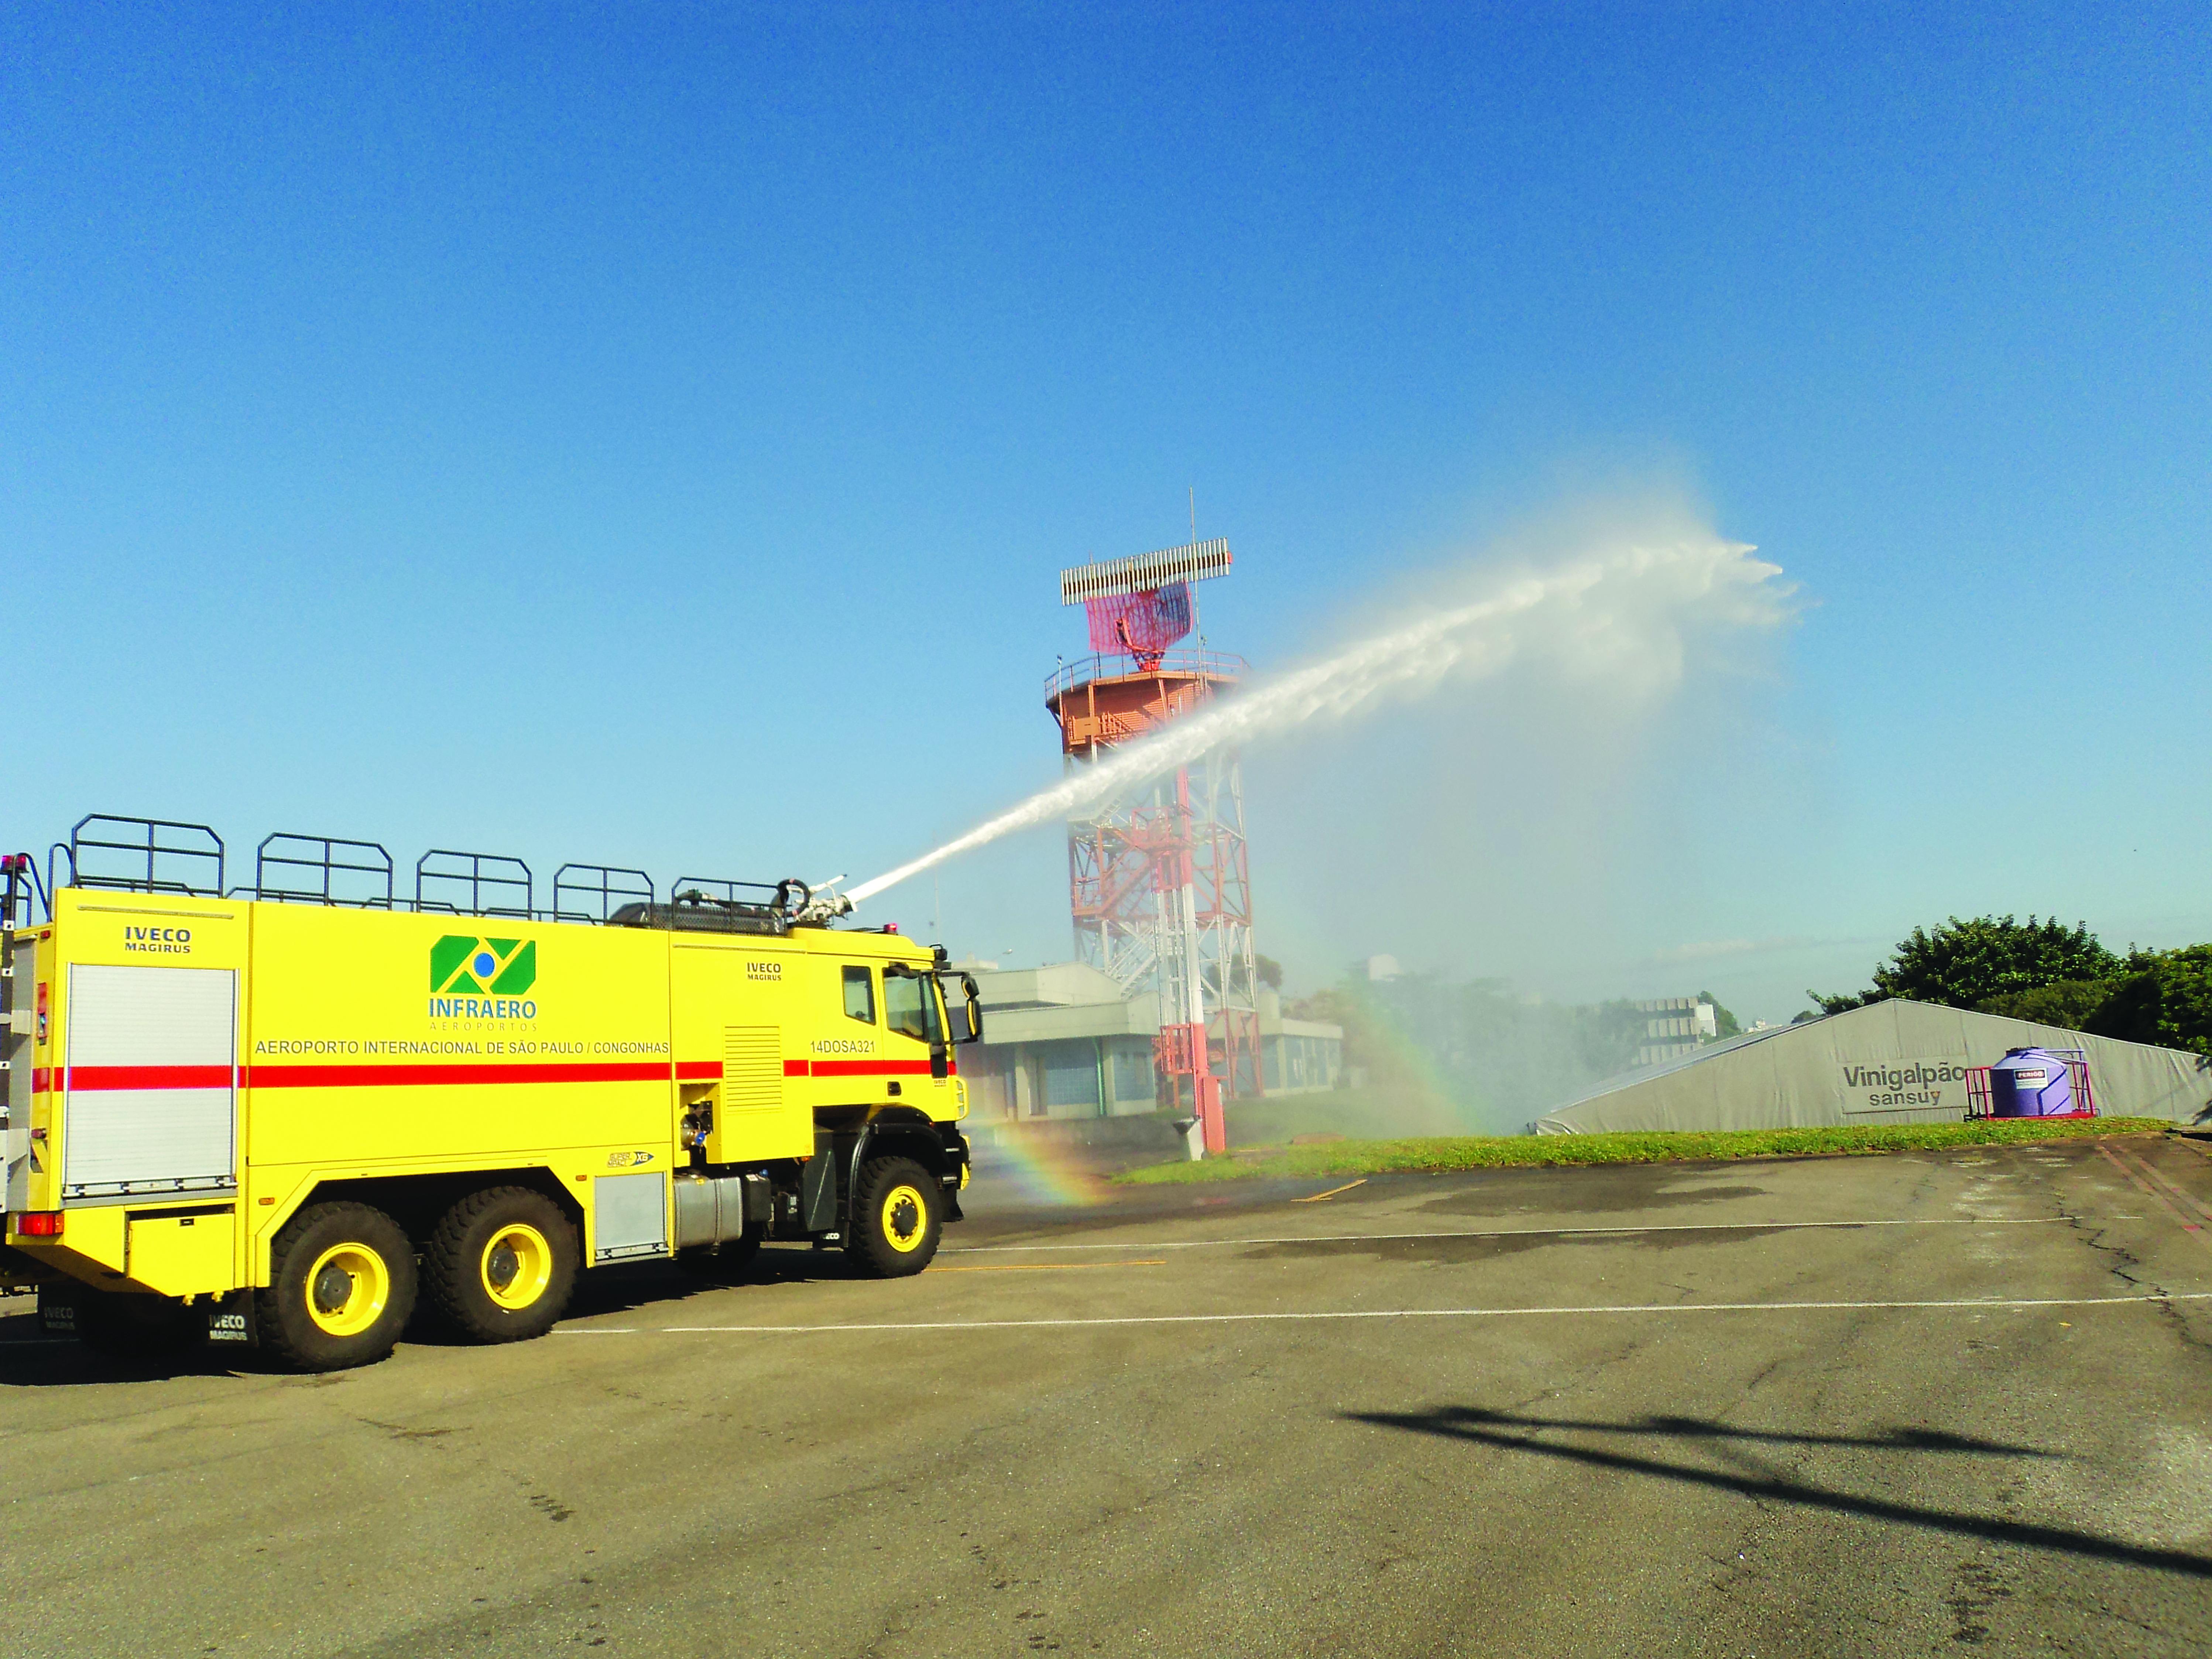 Caminhão de combate ao incêndio utilizado para economizar água nos aeroportos